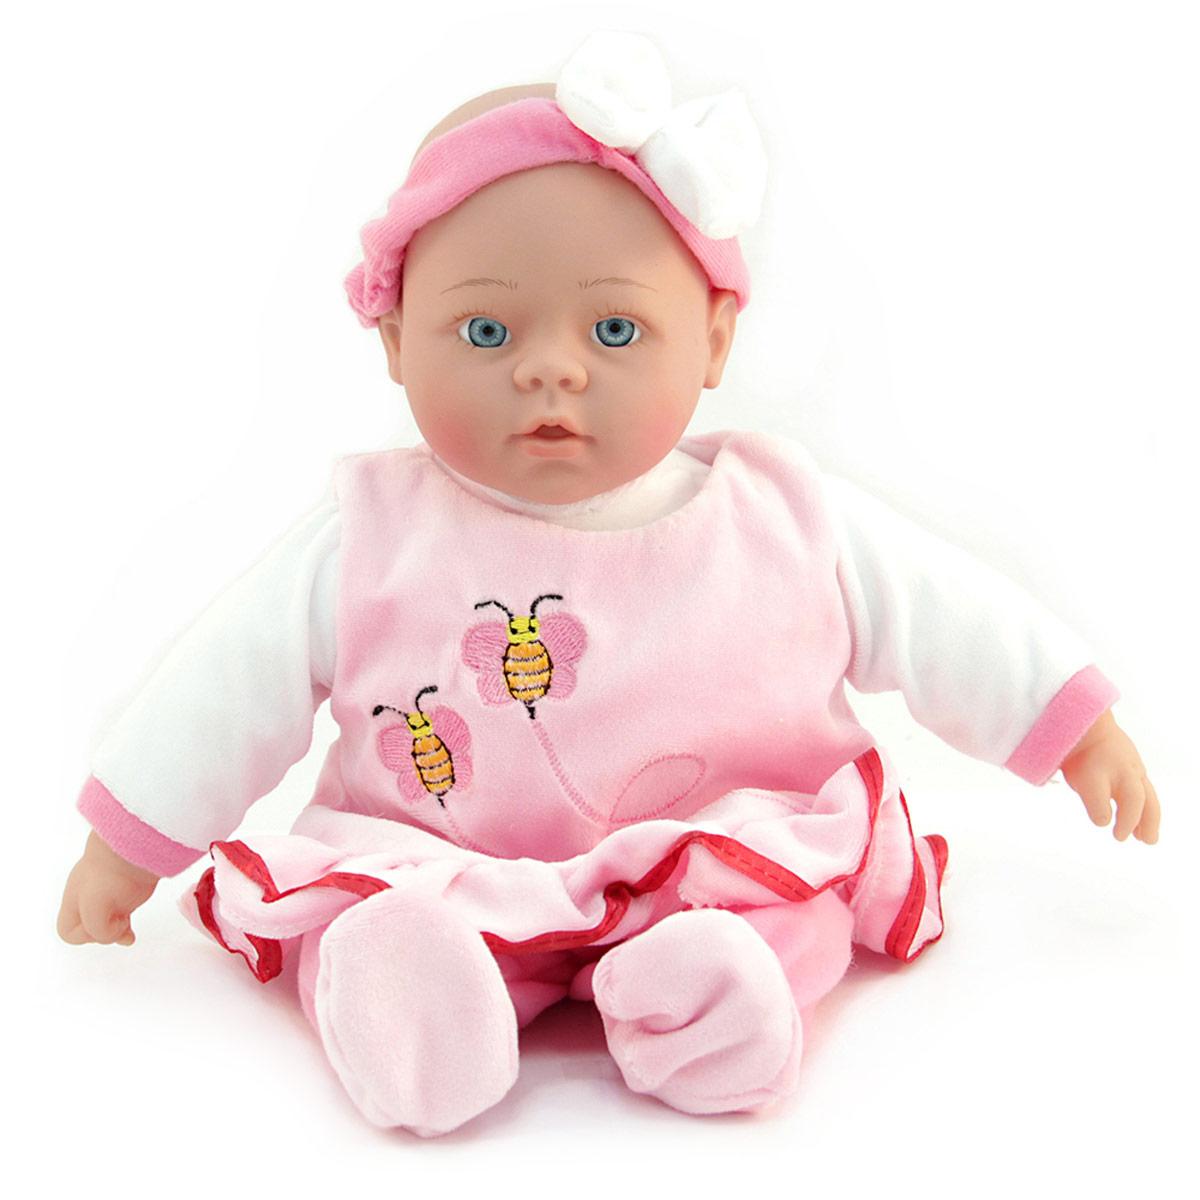 Lisa Jane Пупс озвученный в розовом платьеUT-J1660Кукла интерактивная: говорит (более 50 фраз), рассказывает 2 стихотворения, поет песенку про маму. Любимая колыбельная мелодия. Нажми на ручку! Для куклы требуются 3 батарейки типа АА, в состав набора не входят.